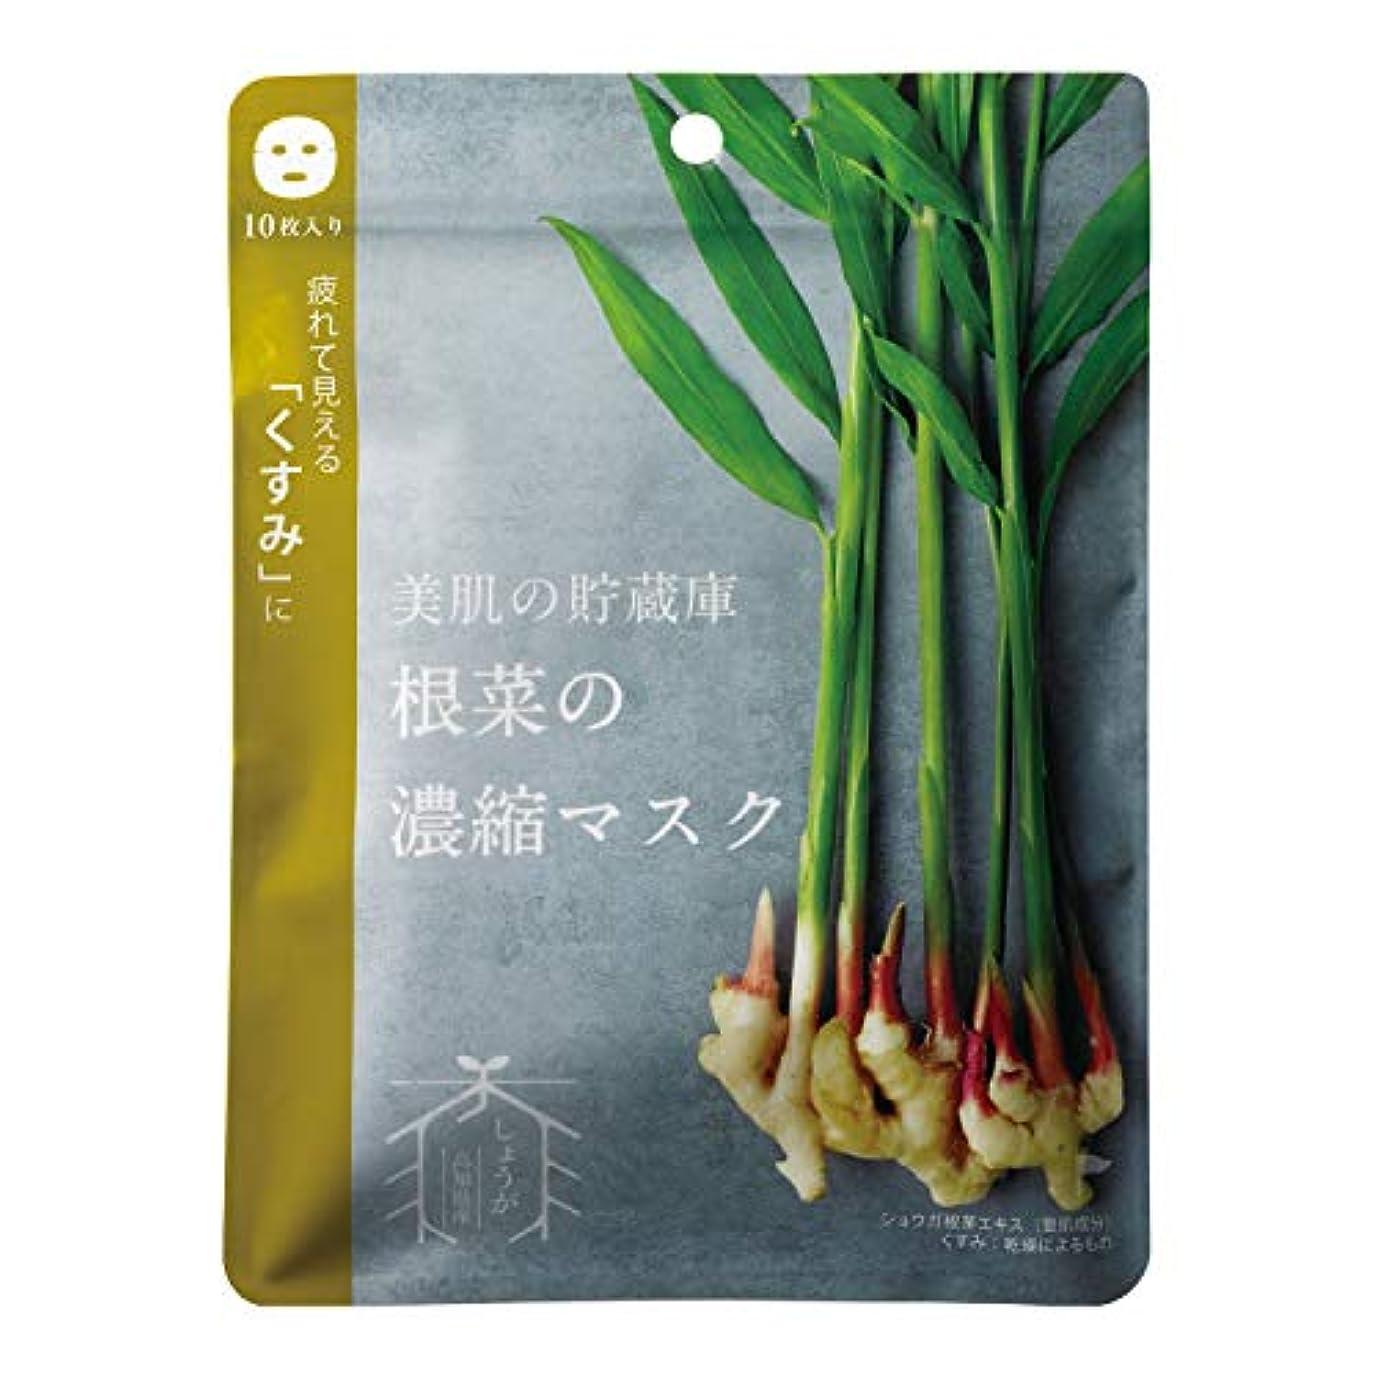 インテリア例示するケニア@cosme nippon 美肌の貯蔵庫 根菜の濃縮マスク 土佐一しょうが 10枚 160ml